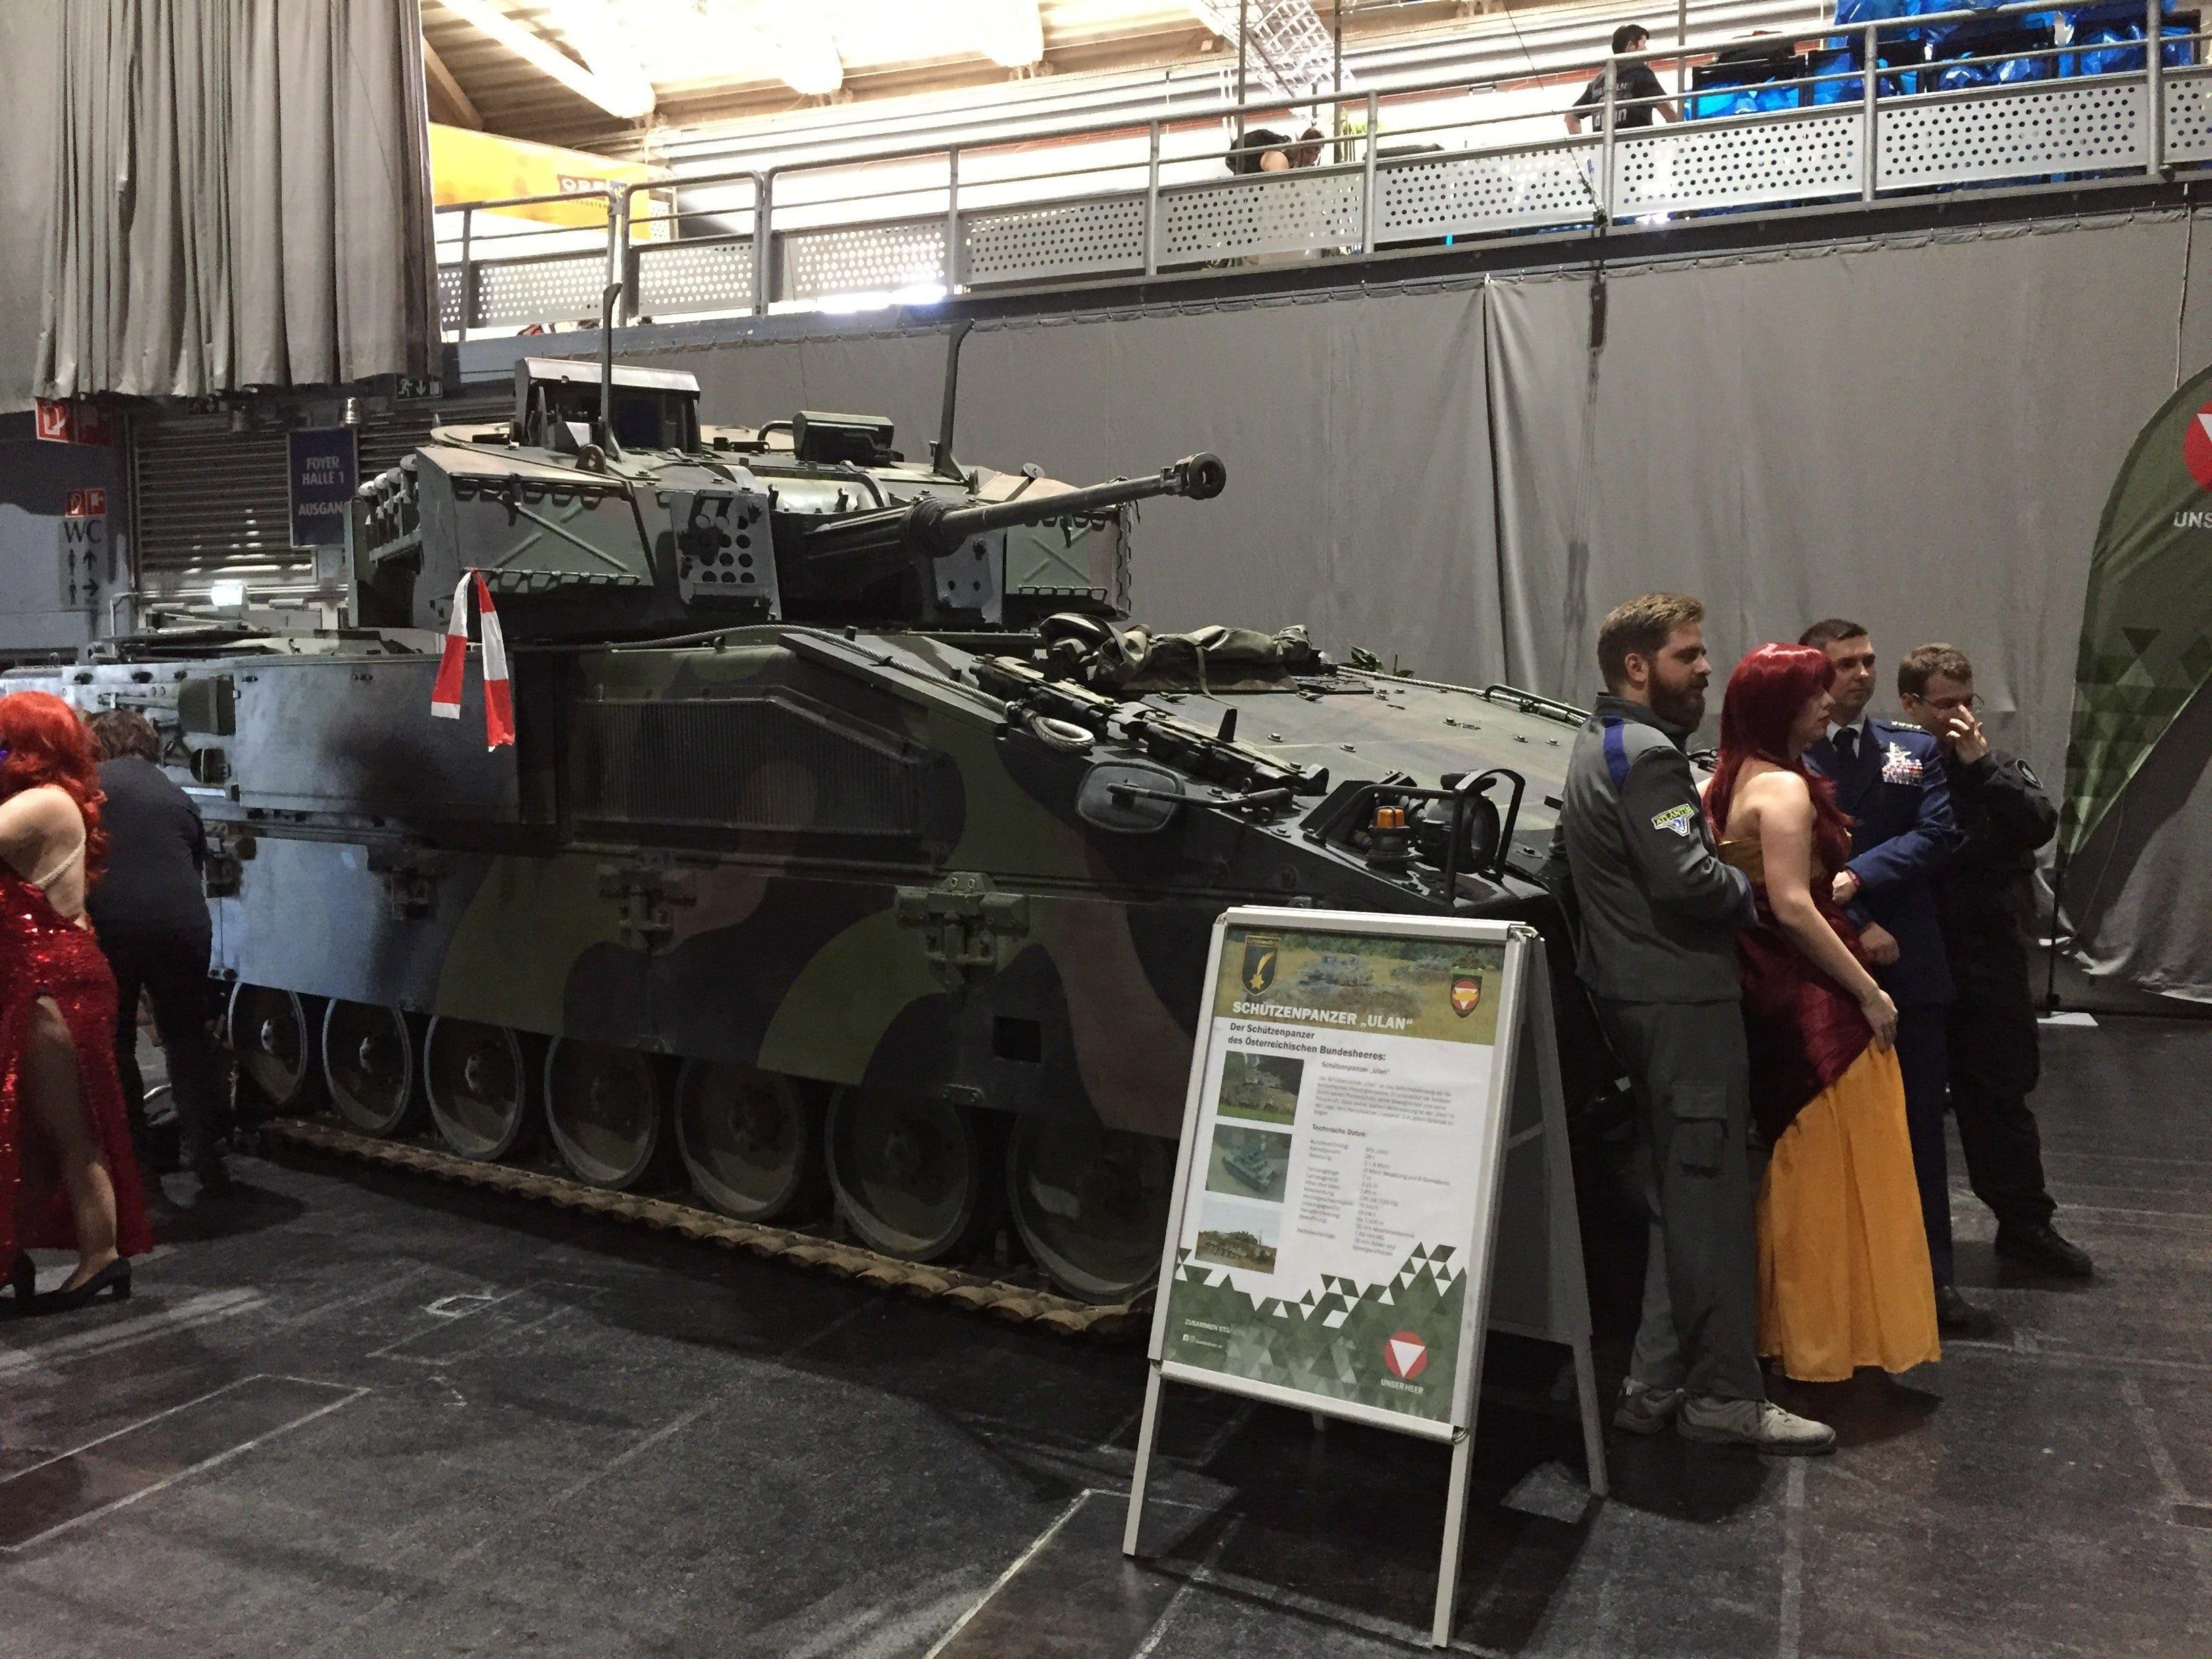 Die Panzer des Österreichischen Bundesheers dienten als toller Foto-Hintergrund